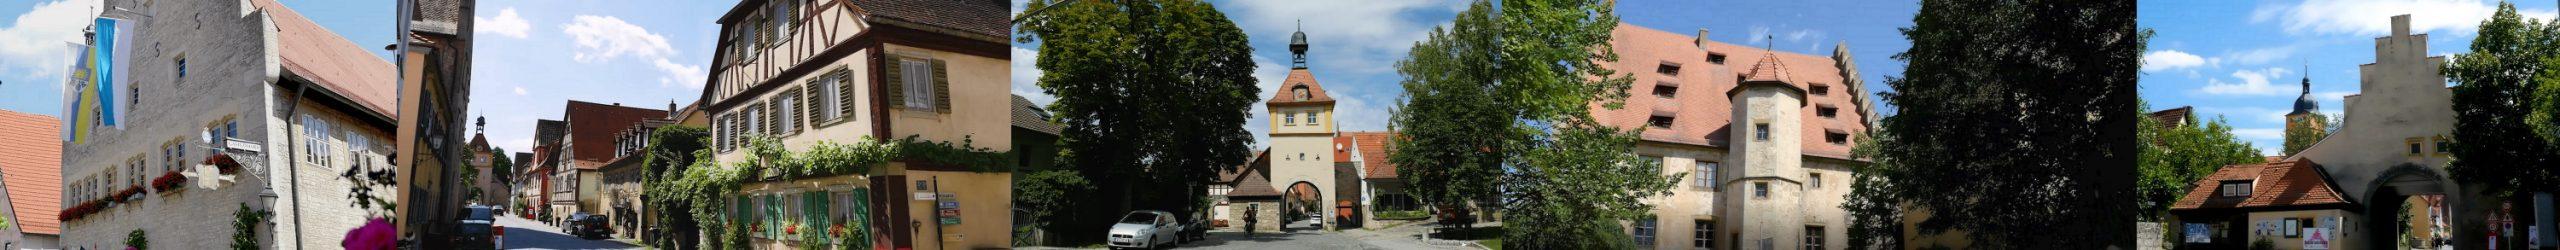 Bürgerverein Sommerhausen